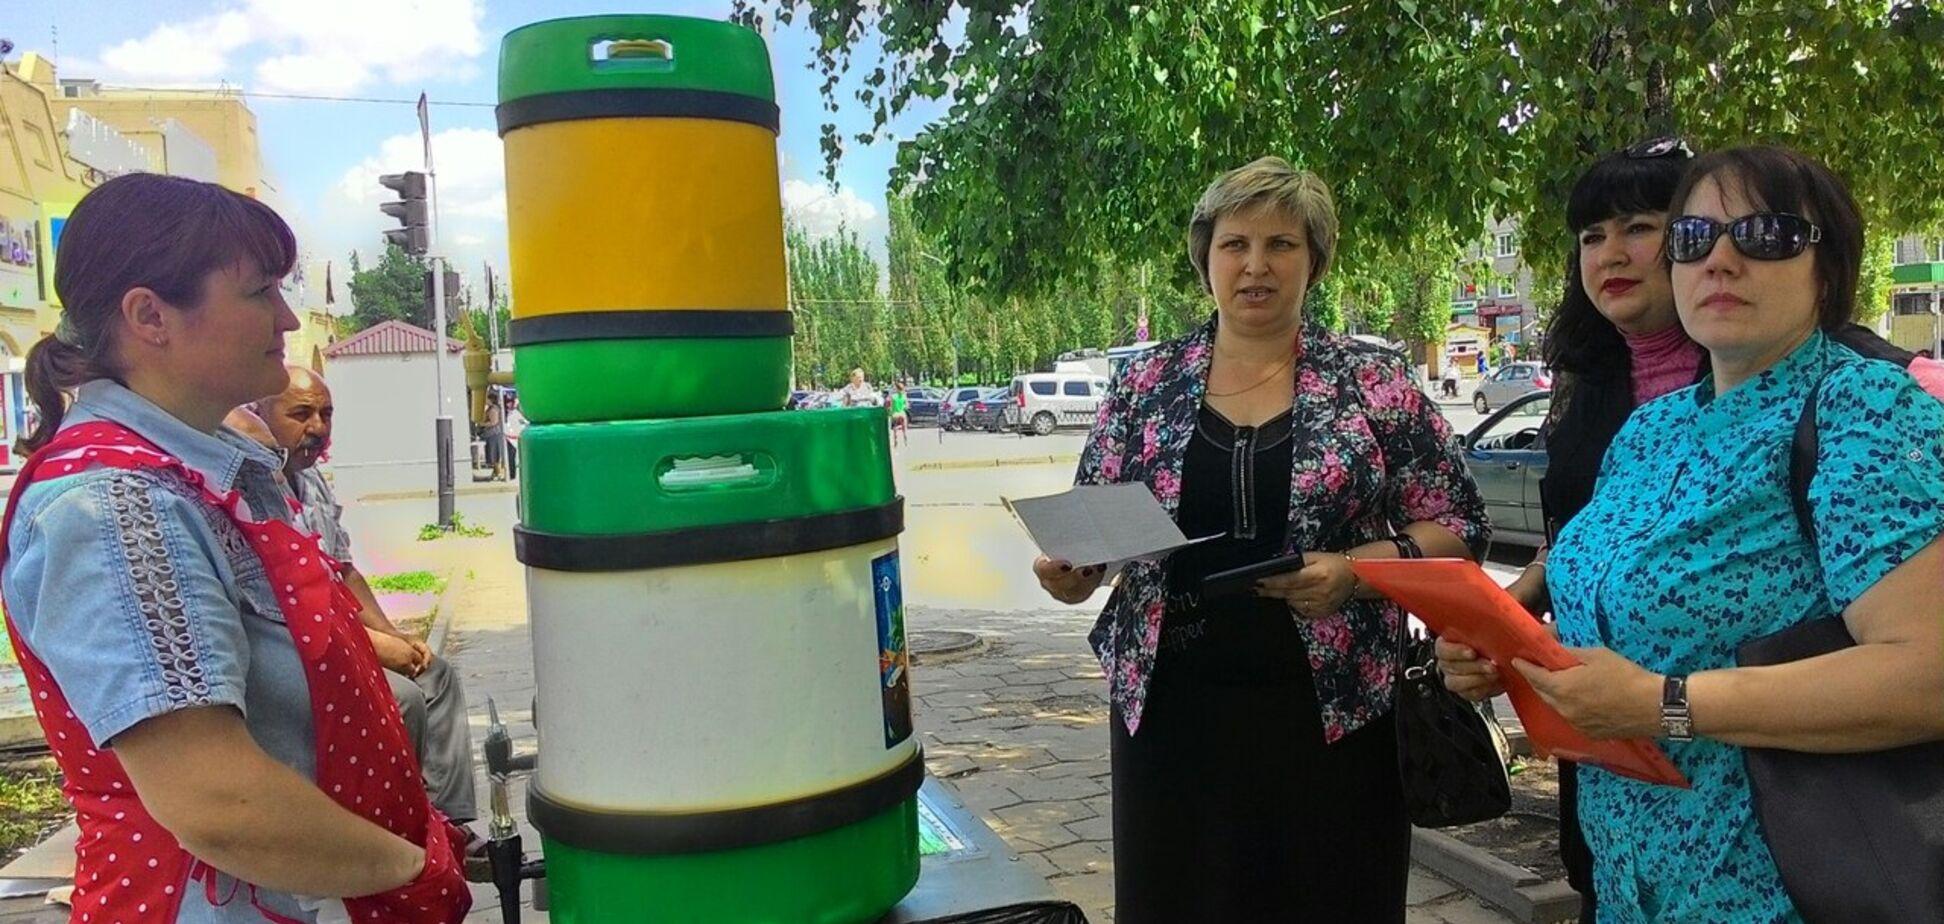 Грязь и черви: украинцев предупредили о 'сюрпризах' кваса из бочек